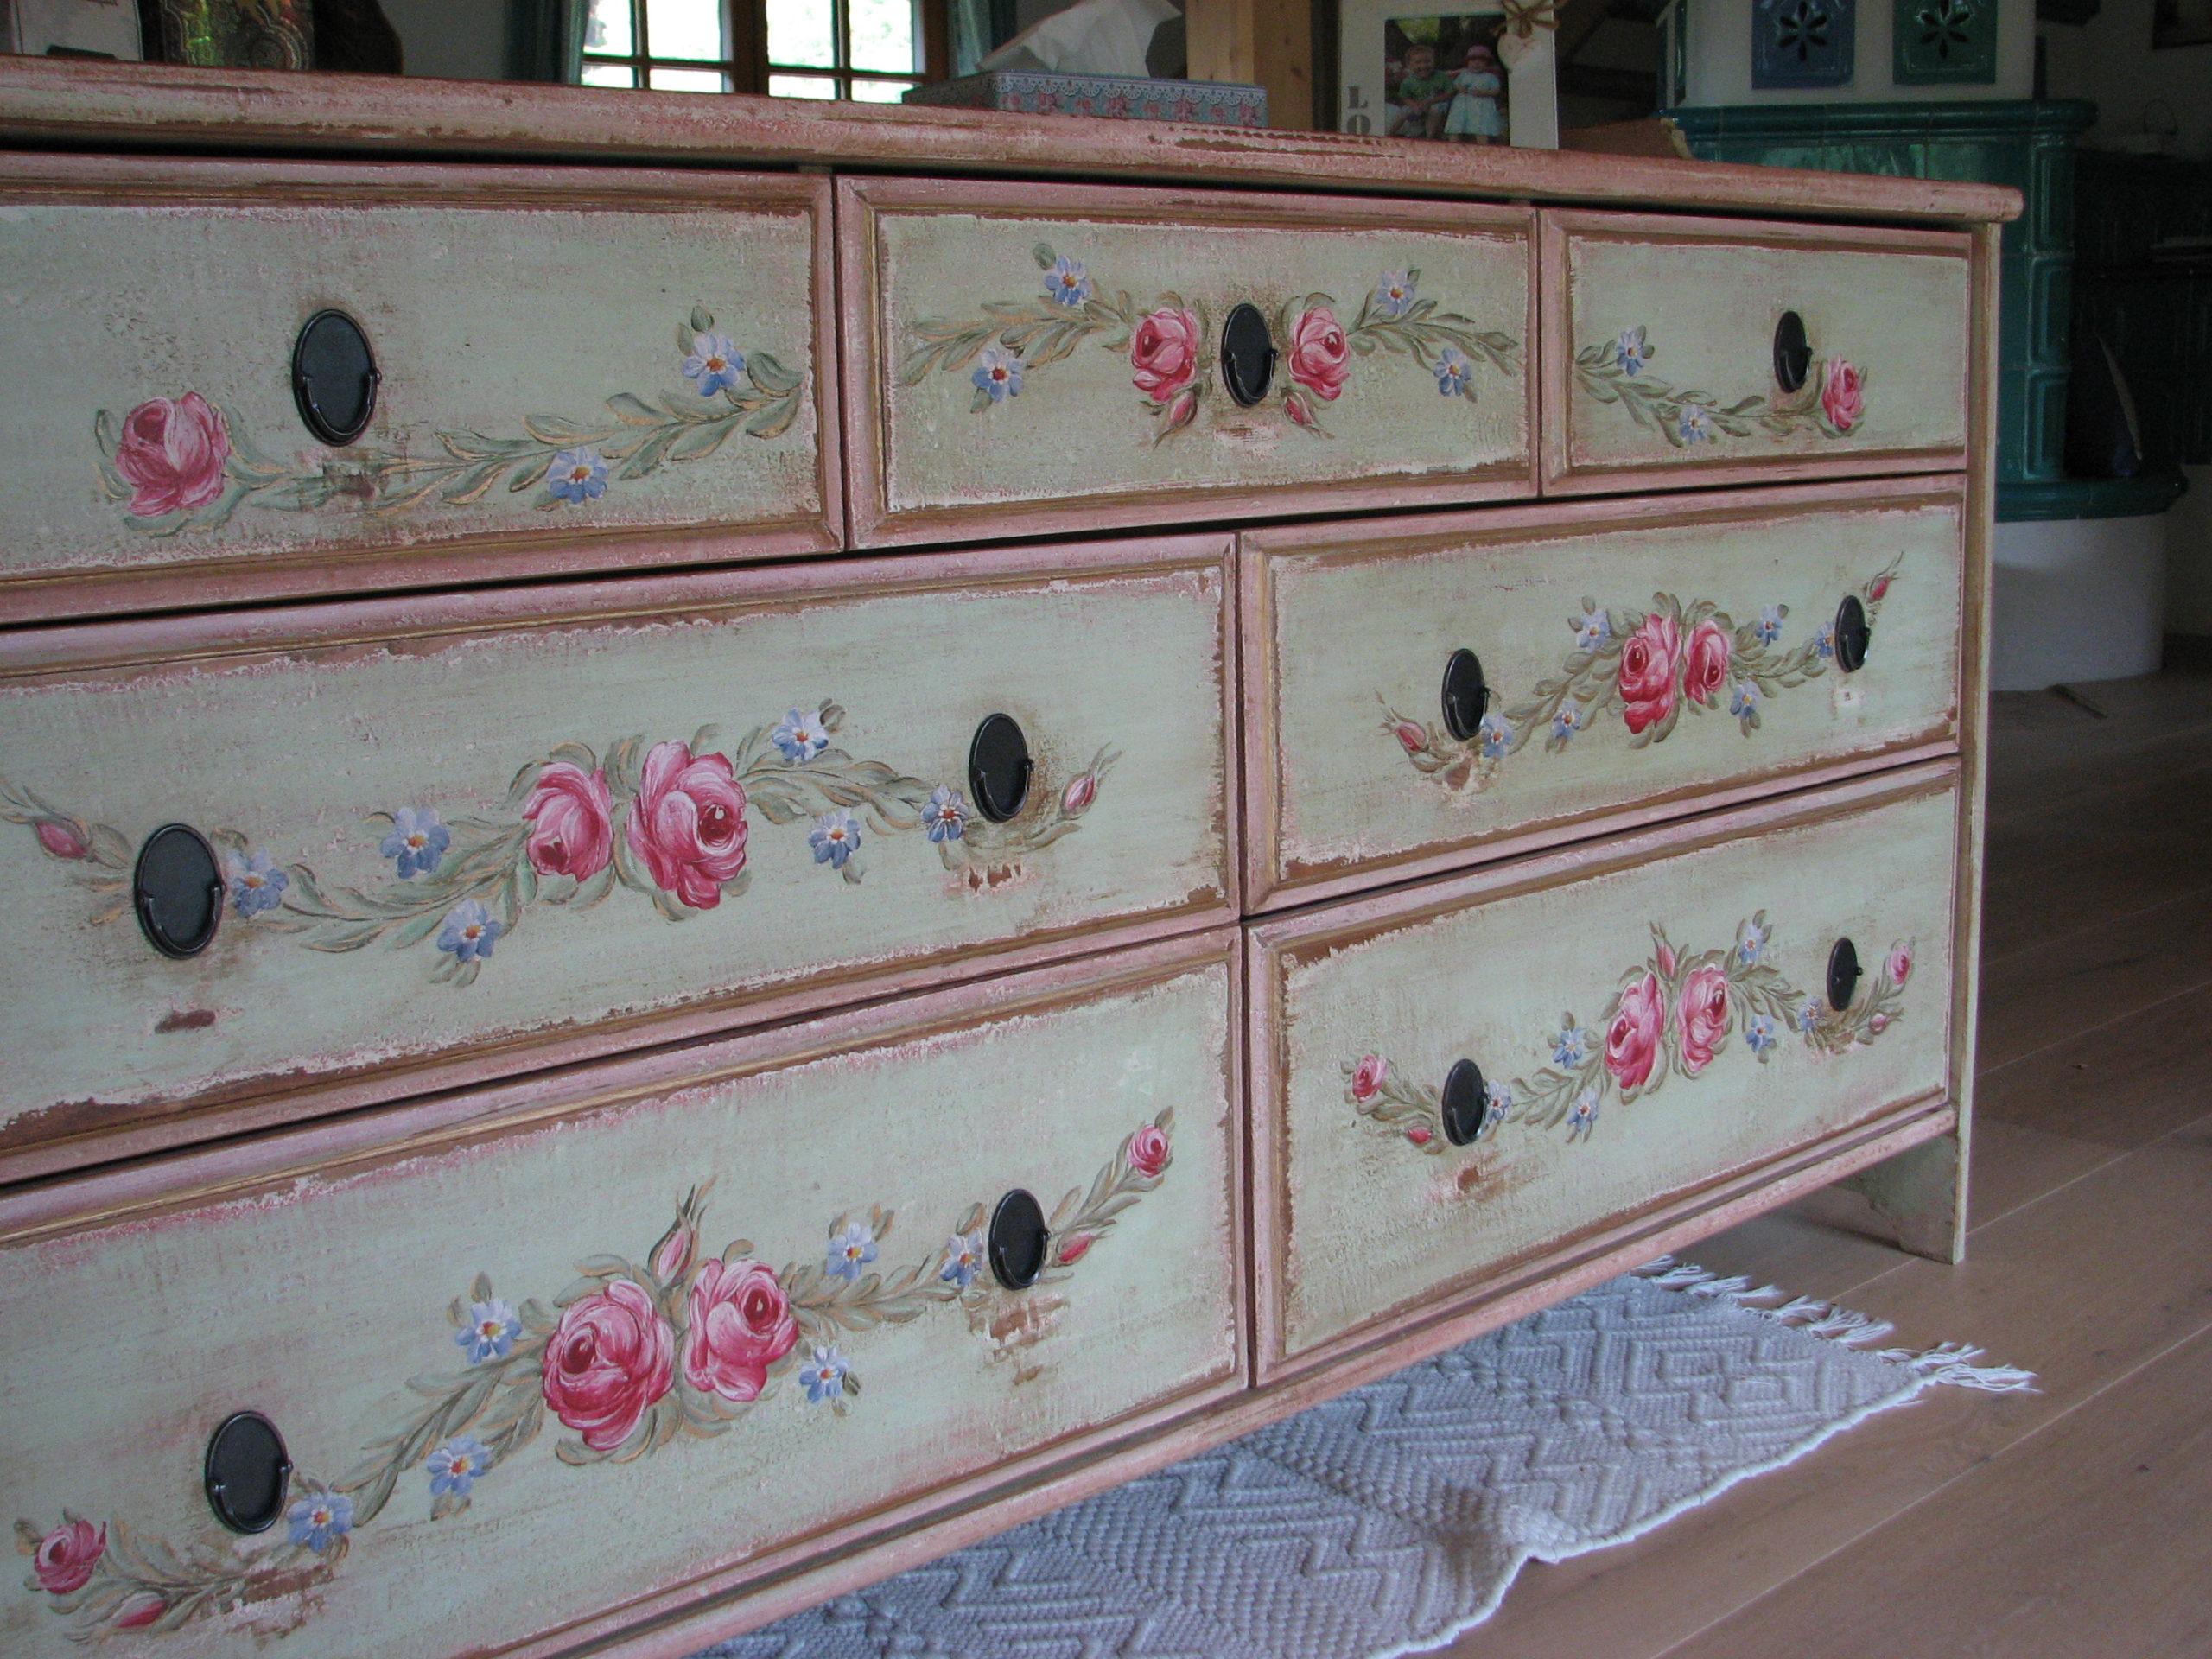 Malovaná komoda světle zelené a růžové barvy s motivy růží a pomněnek 5